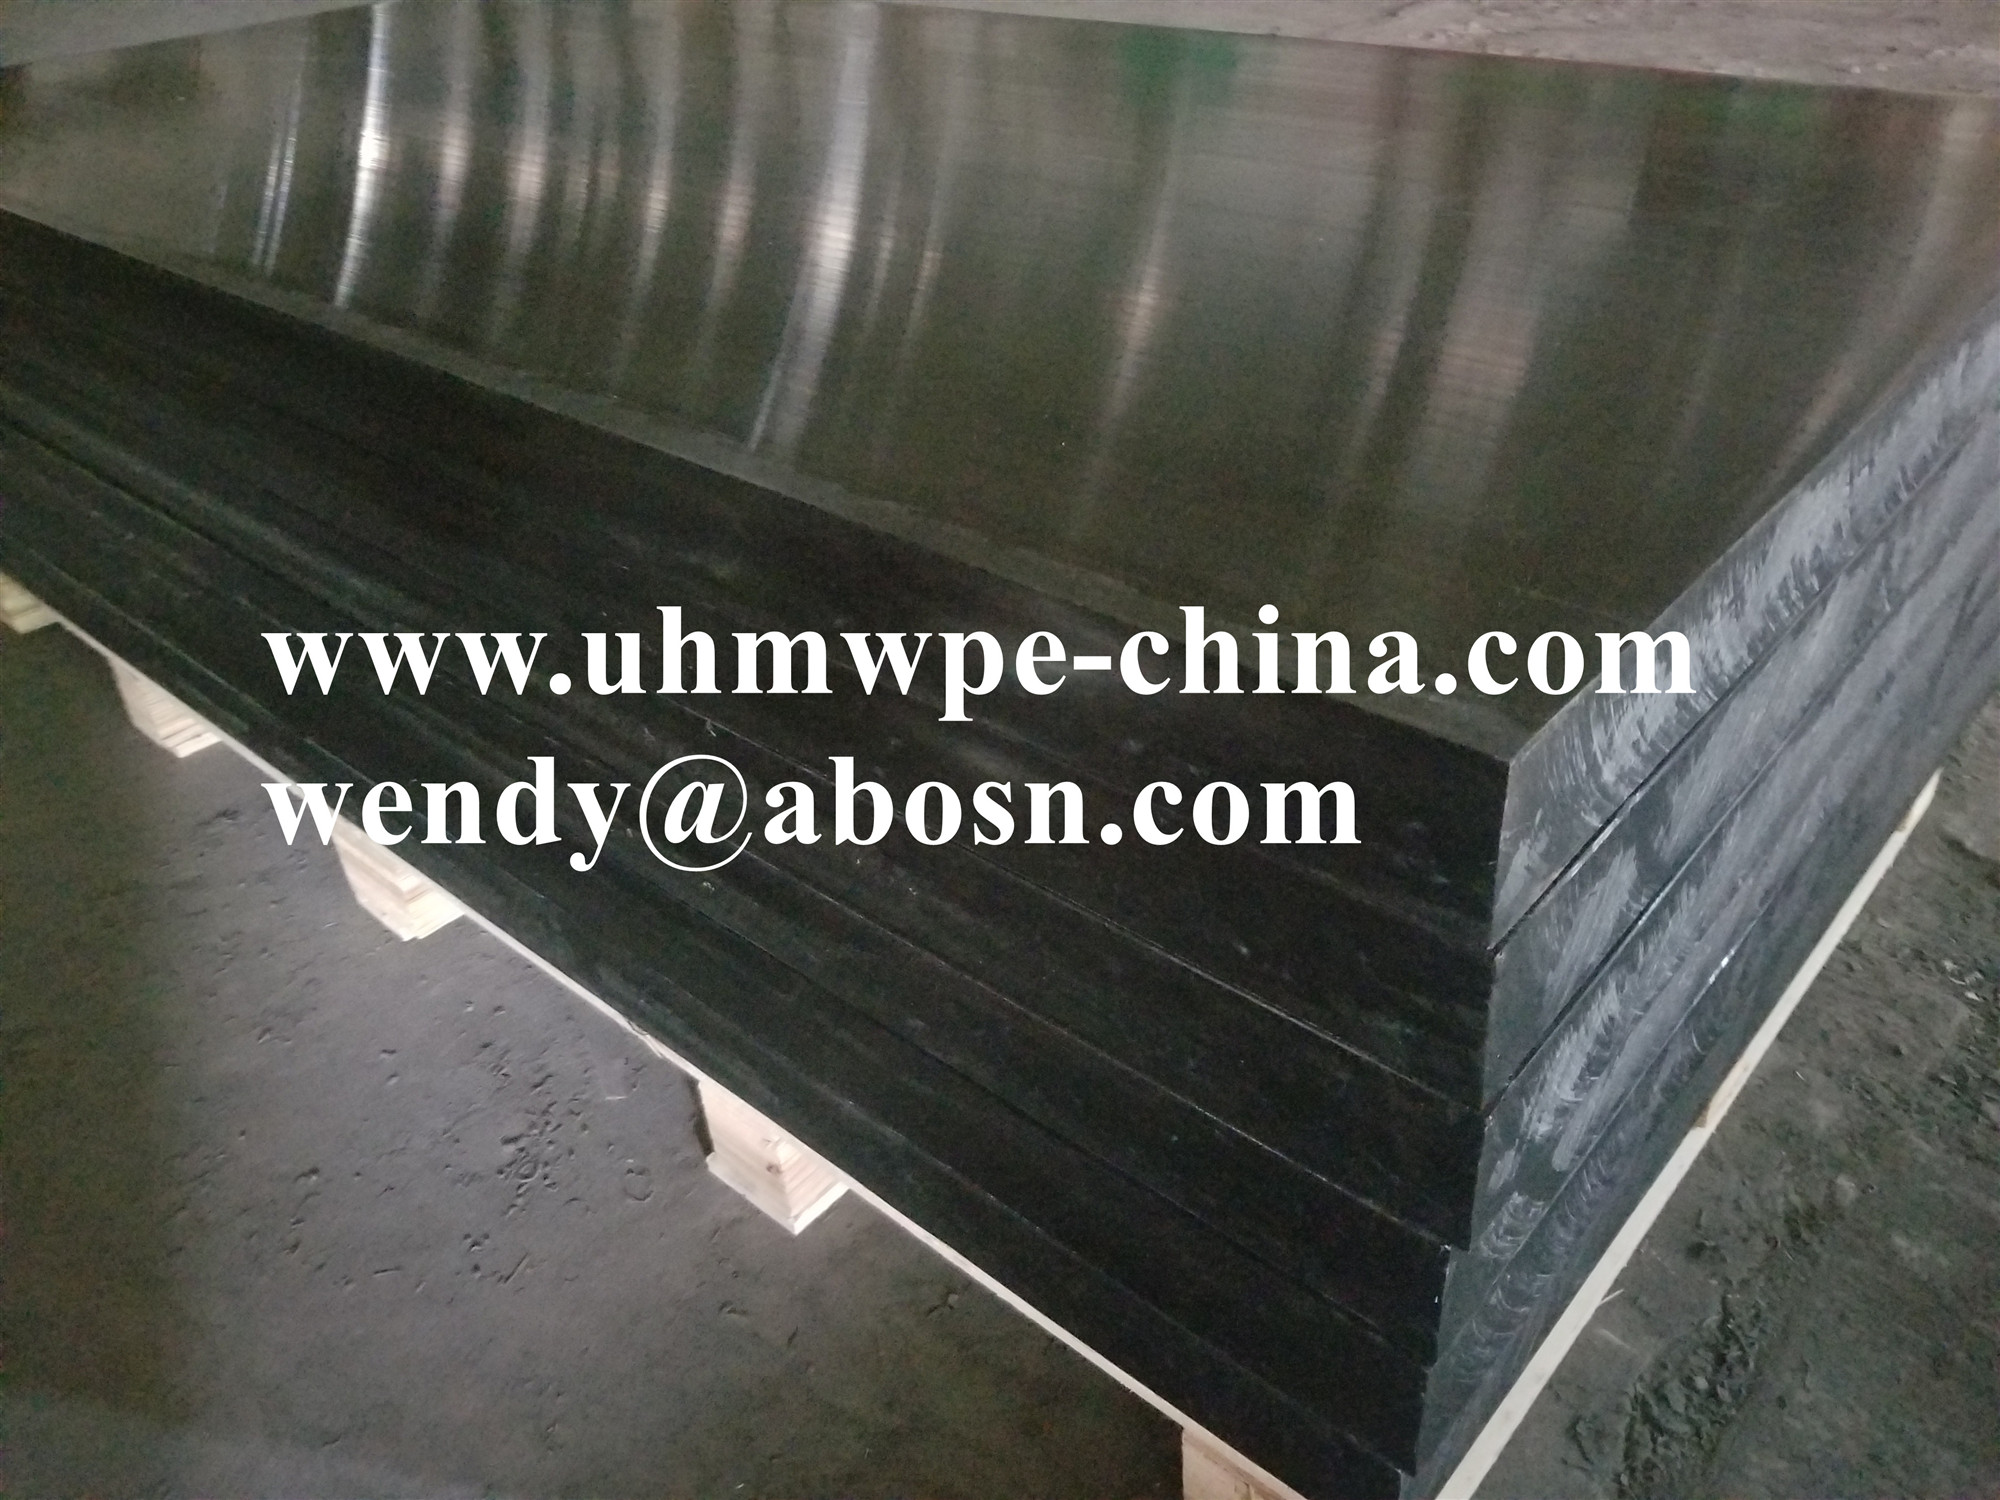 30% Borated UHMW Polyethylene Sheet